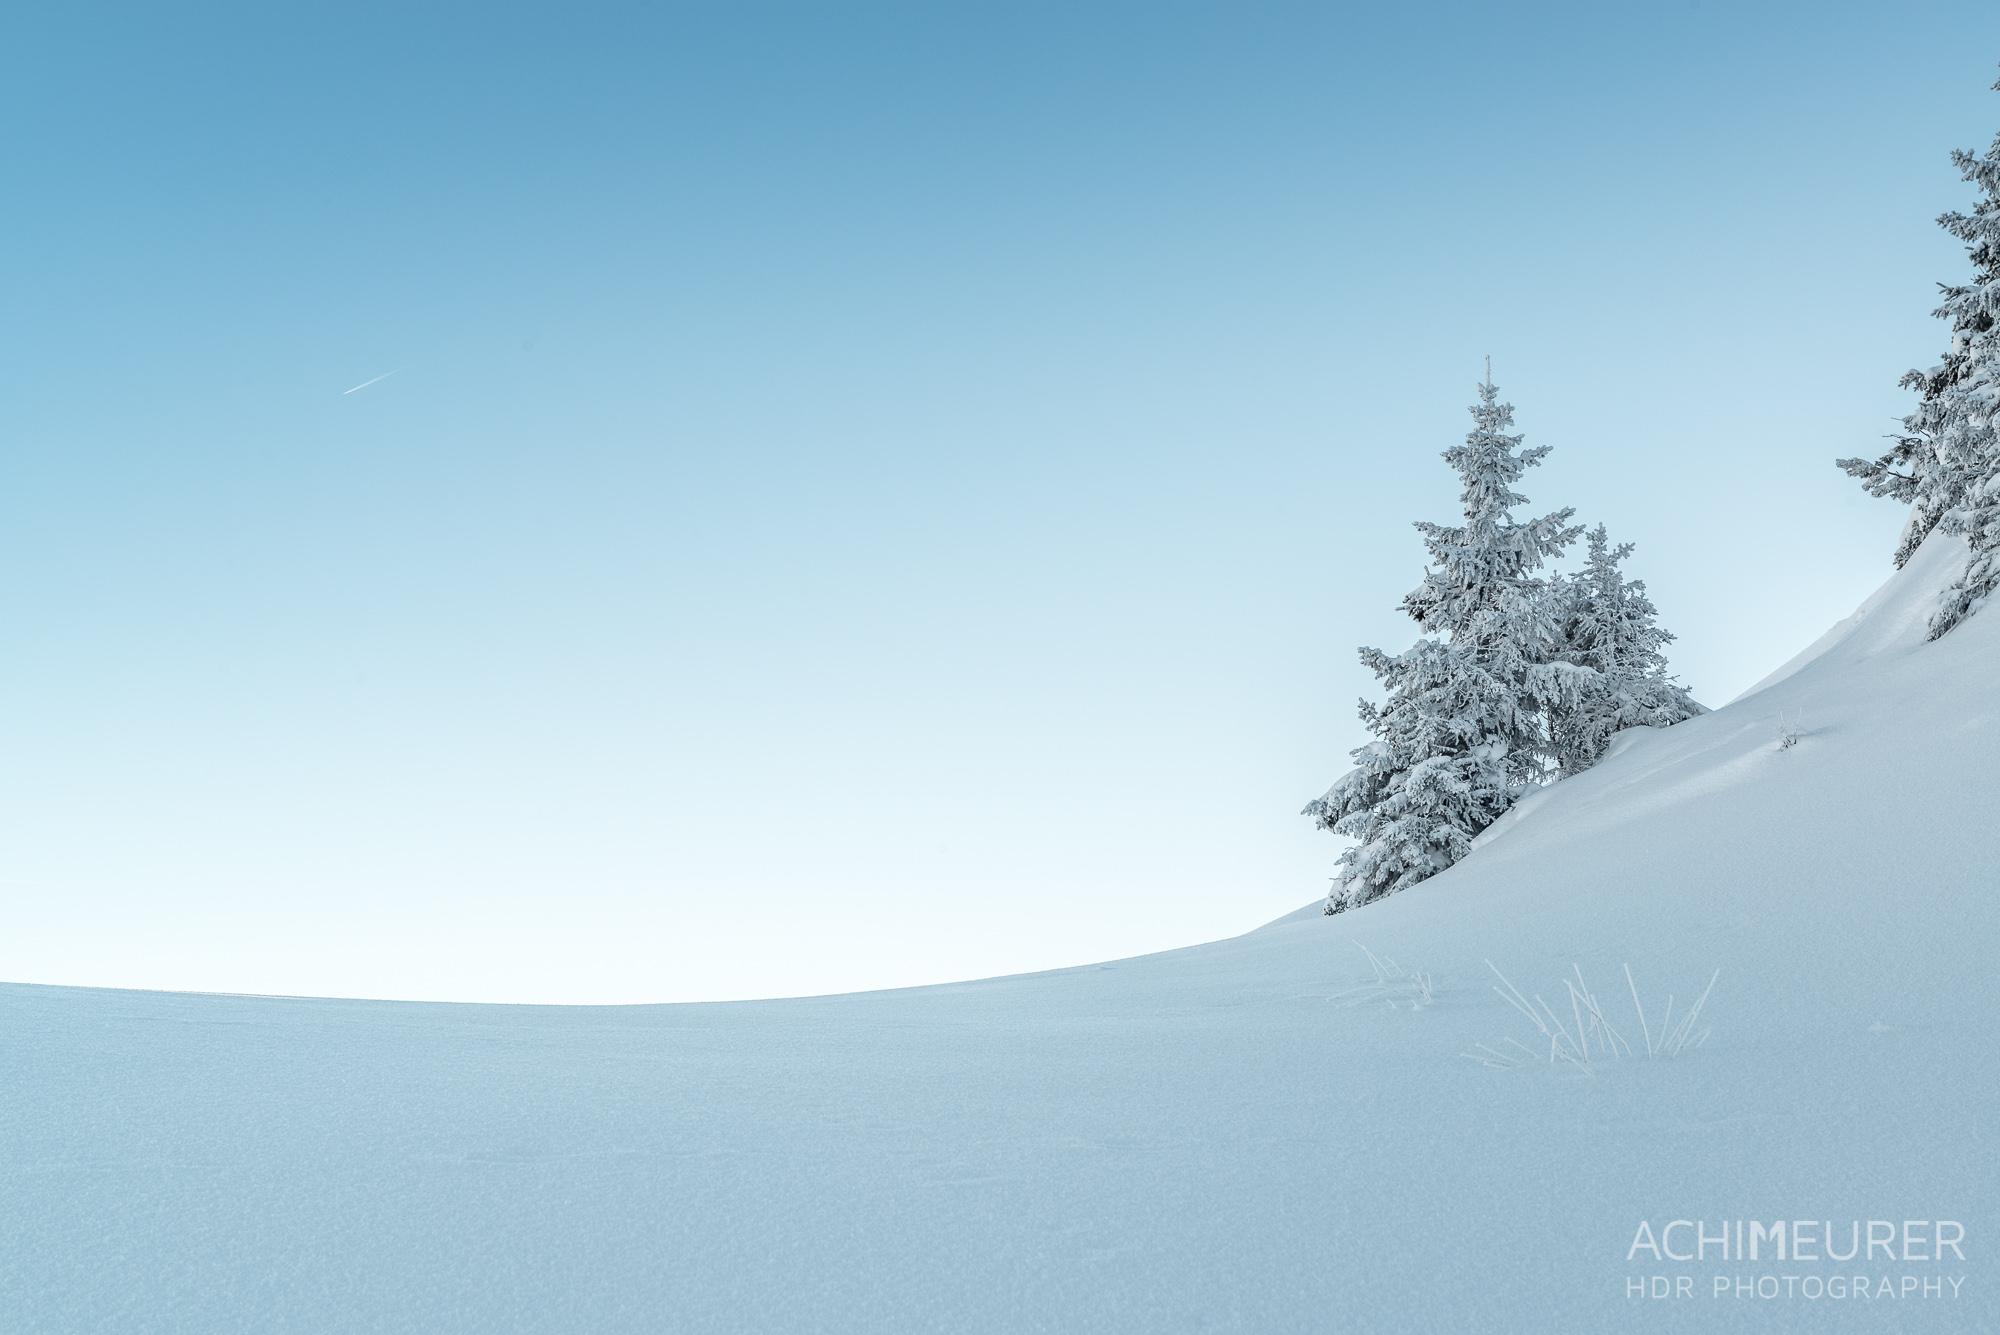 Die-schoensten-Winterfotos-Winterlandschaft-16 by Achim Meurer.